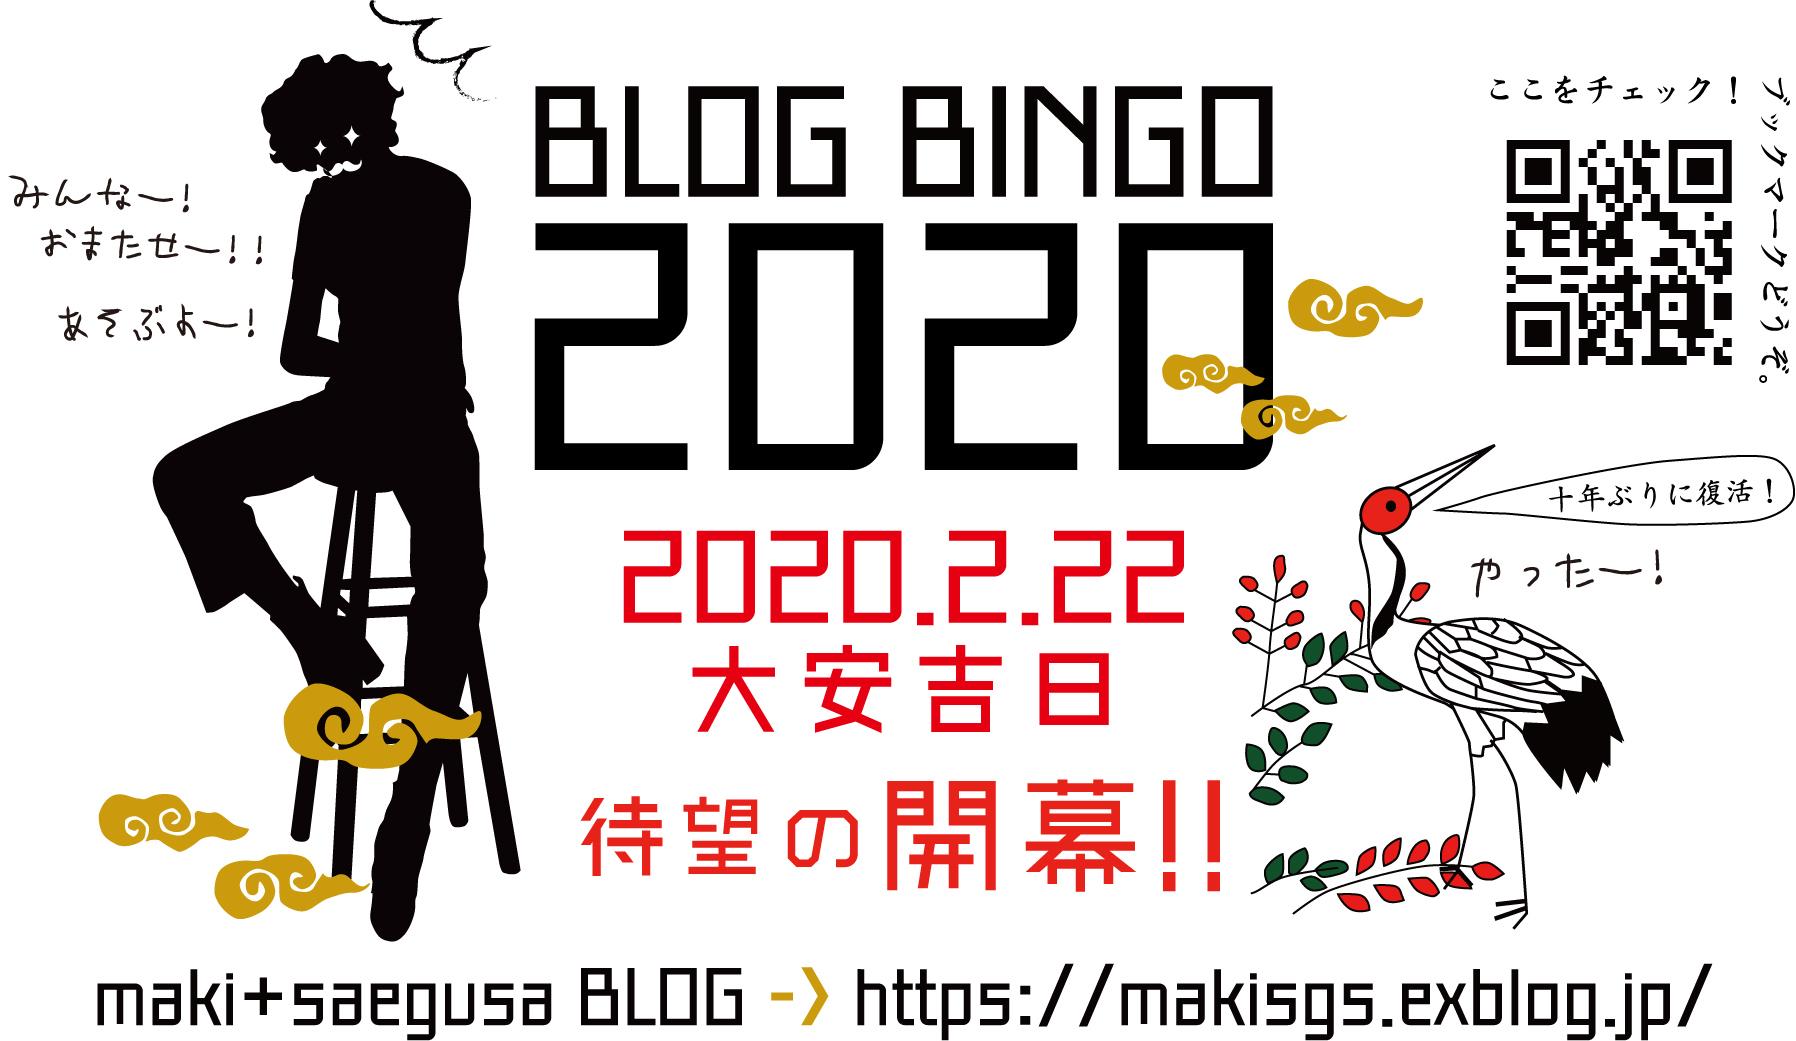 【朗報】10年ぶりに復活!ブログビンゴ『BLOG BINGO 2020』近日開幕!_d0018646_11380624.jpg